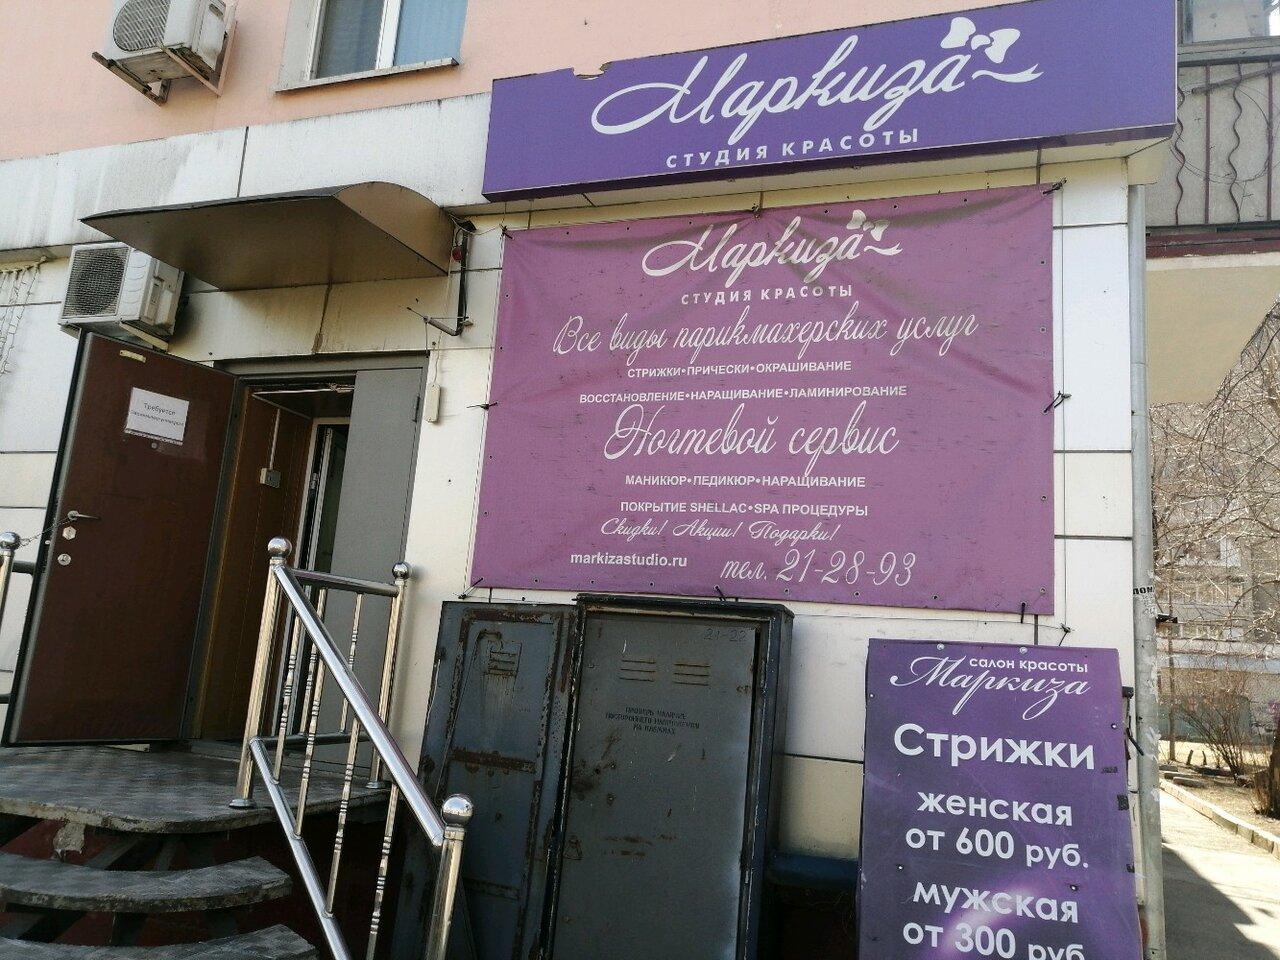 Двггу хабаровск общежитие фото профиль это